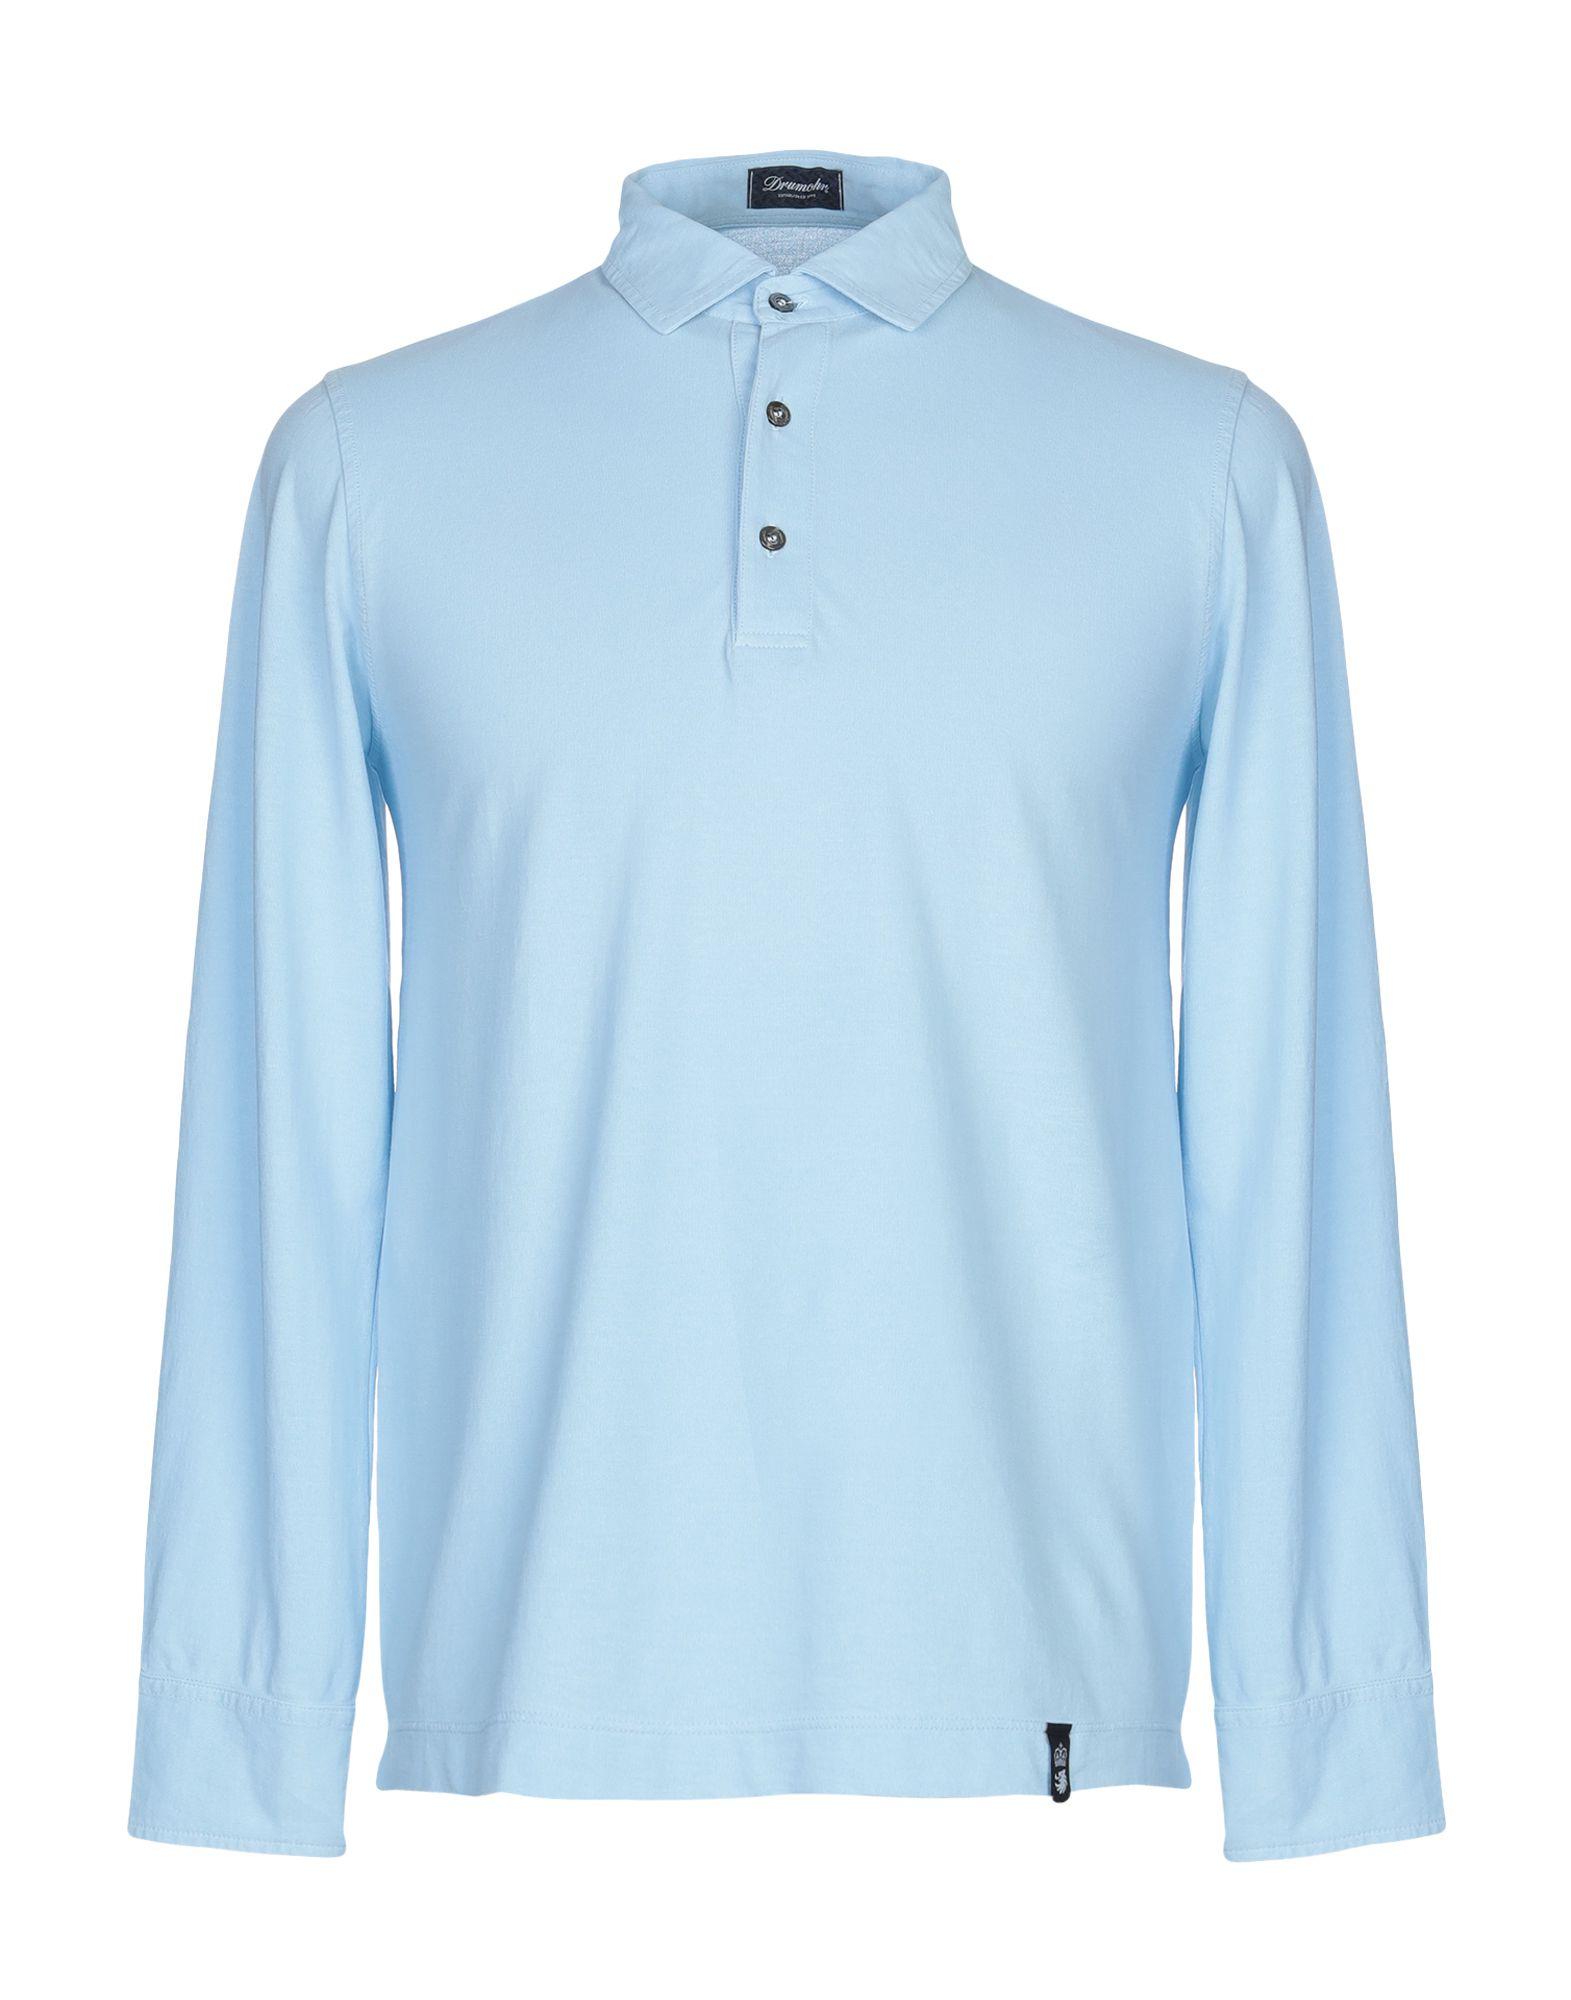 《期間限定セール中》DRUMOHR メンズ ポロシャツ スカイブルー M コットン 100%